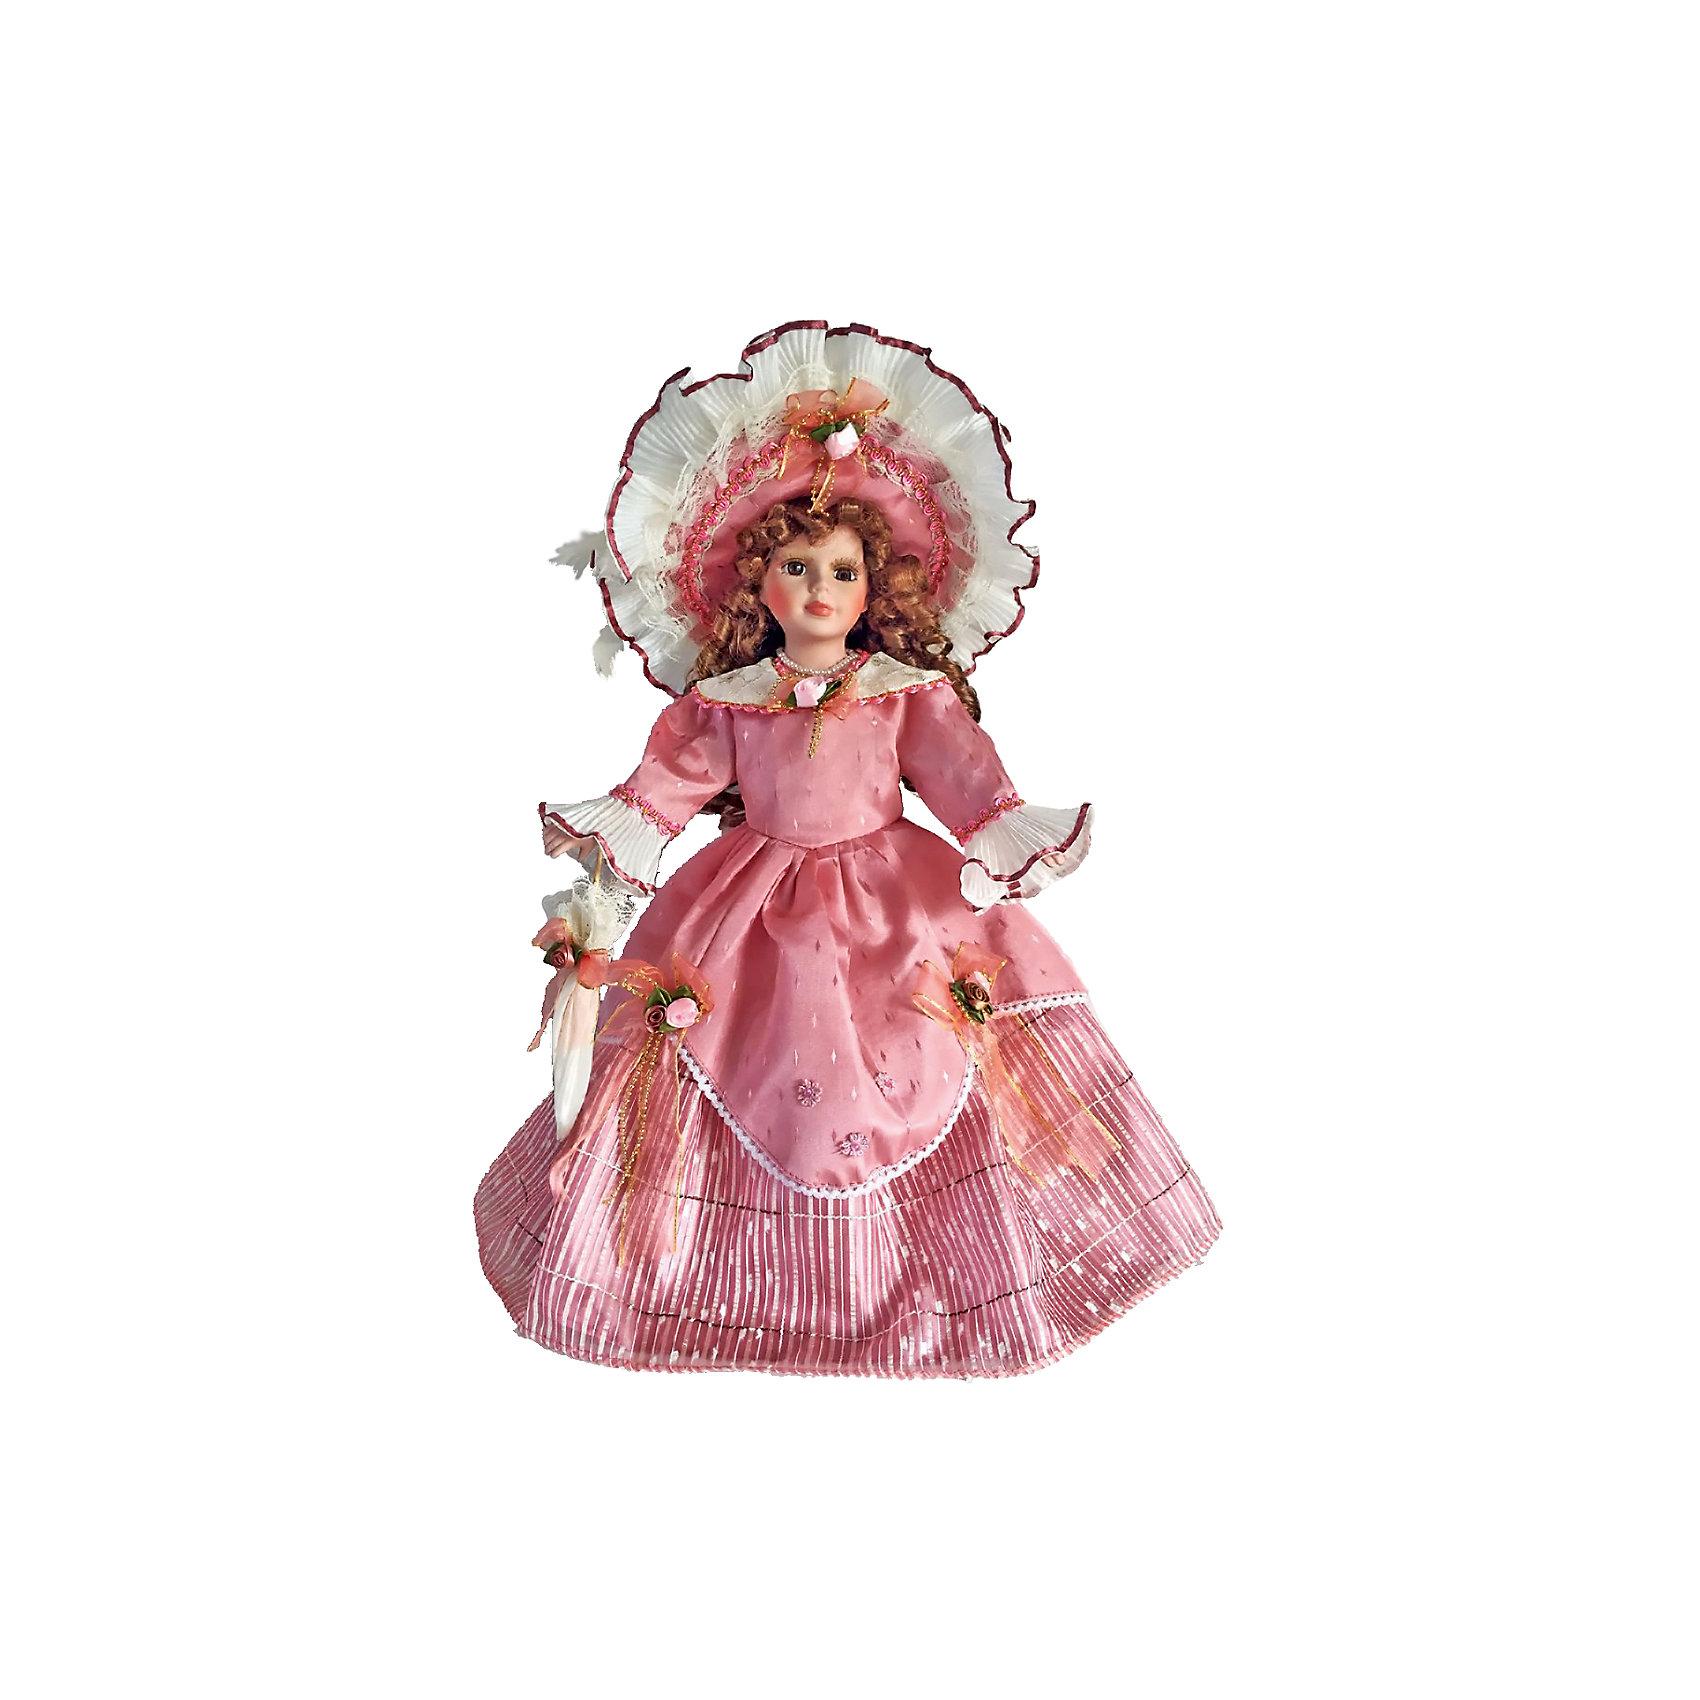 Фарфоровая кукла Оделия, Angel CollectionБренды кукол<br>Фарфоровая кукла Оделия, Angel Collection.<br><br>Характеристики:<br><br>• Высота куклы: 40,5 см.<br>• Материал: фарфор, текстиль<br>• Упаковка: картонная коробка блистерного типа<br><br>Фарфоровая кукла «Оделия», Angel Collection изготовлена с большим вниманием к мелким деталям, благодаря этому она очень красива и привлекательна. Голову куклы украшает шляпа с очень широкими полями, из-под которой спадают на плечи длинные русые локоны. Кукла одета в платье с длинными рукавами розового цвета, украшенное розочками. У Оделии большие глаза в обрамлении длинных ресничек и ангельское кукольное личико. Кукла установлена на специальную подставку. <br><br>Фарфоровая красавица Оделия - это не просто игрушка, а также украшение для интерьера или ценный экспонат коллекции. Каждая кукла в серии Angel Collection, обладает неповторимым образом - принцессы, феи, маленькие девочки, роскошные невесты и т.д. Изысканные наряды и очаровательная матовость фарфора превращают этих кукол в настоящее произведение искусства. Куклы Angel Collection сделаны из уникальной голубой глины, добываемой только в провинции Tai-Nan Shin, Тайвань.<br><br>Фарфоровую куклу Оделия, Angel Collection можно купить в нашем интернет-магазине.<br><br>Ширина мм: 190<br>Глубина мм: 430<br>Высота мм: 100<br>Вес г: 938<br>Возраст от месяцев: 36<br>Возраст до месяцев: 2147483647<br>Пол: Женский<br>Возраст: Детский<br>SKU: 5400280